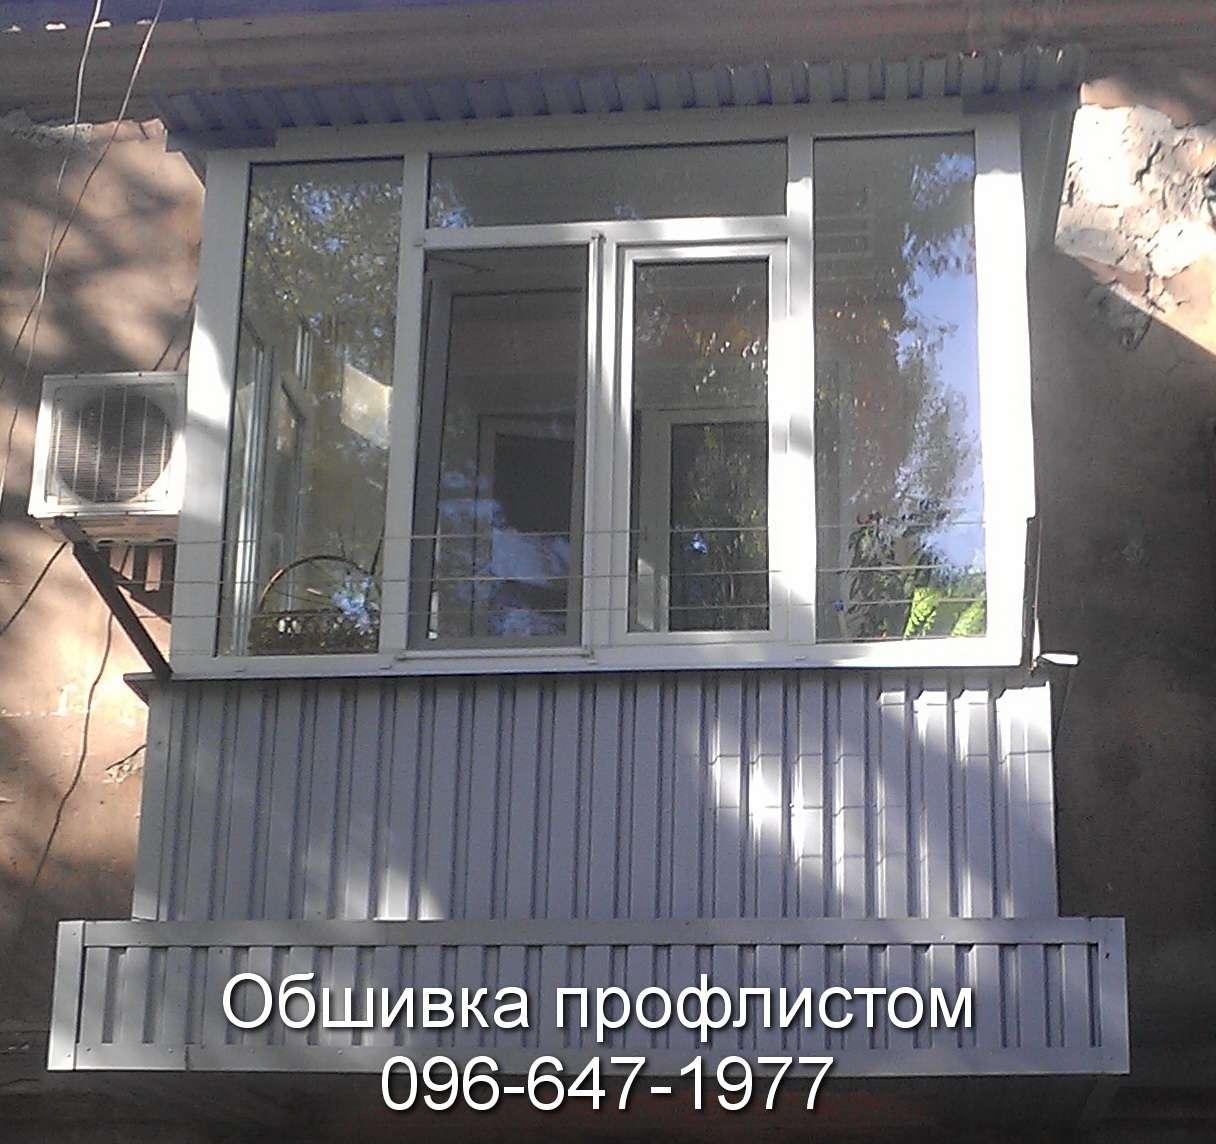 obshivka proflistom (42)